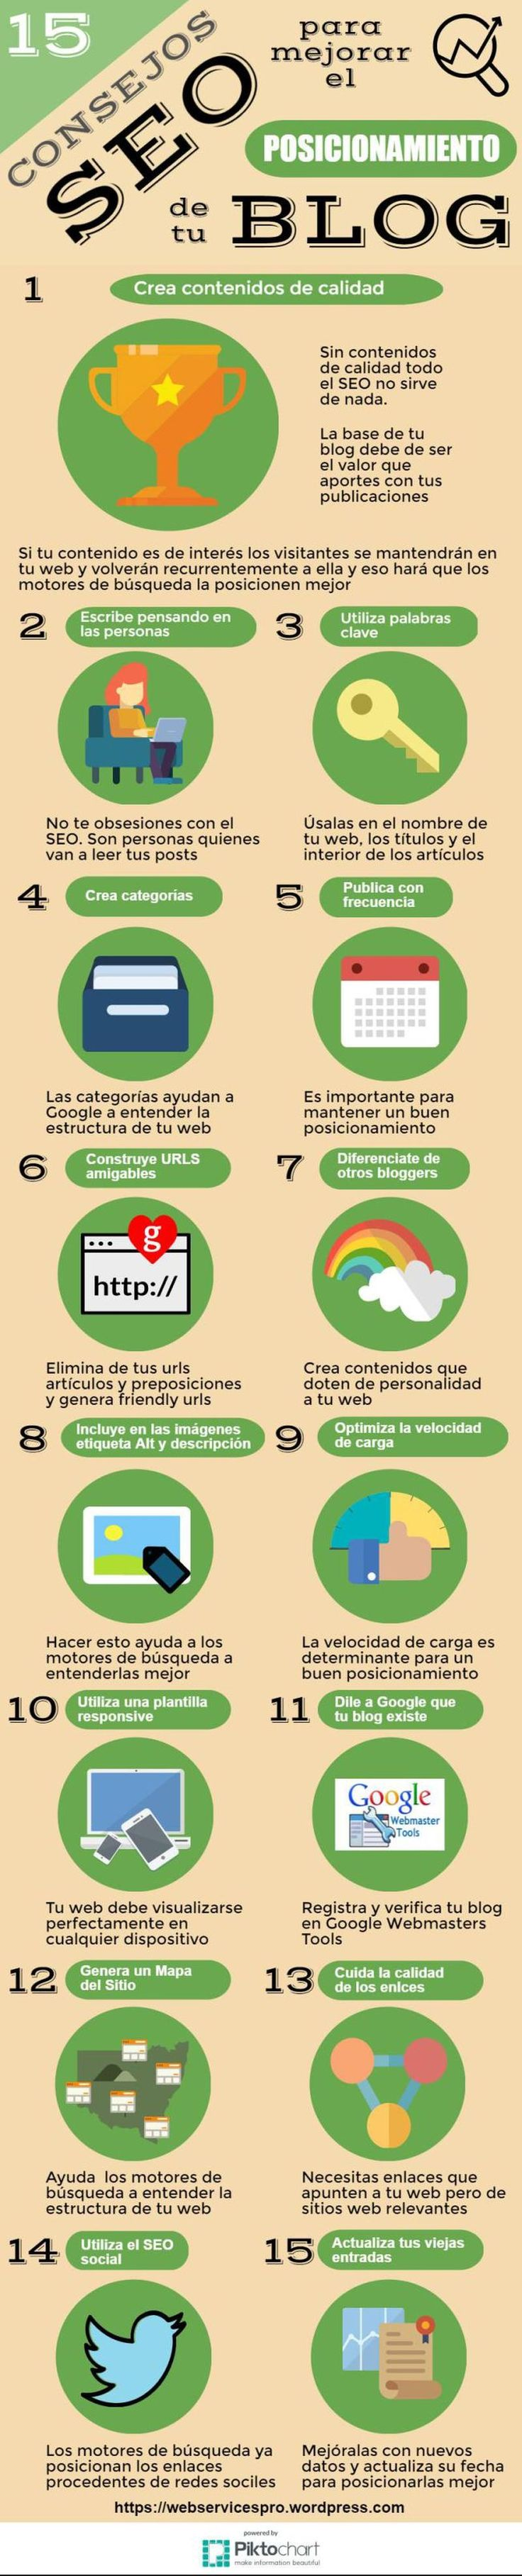 15 consejos SEO, fáciles de llevar a la práctica, que te ayudarán a mejorar el posicionamiento en los buscadores de tus páginas web y blogs.